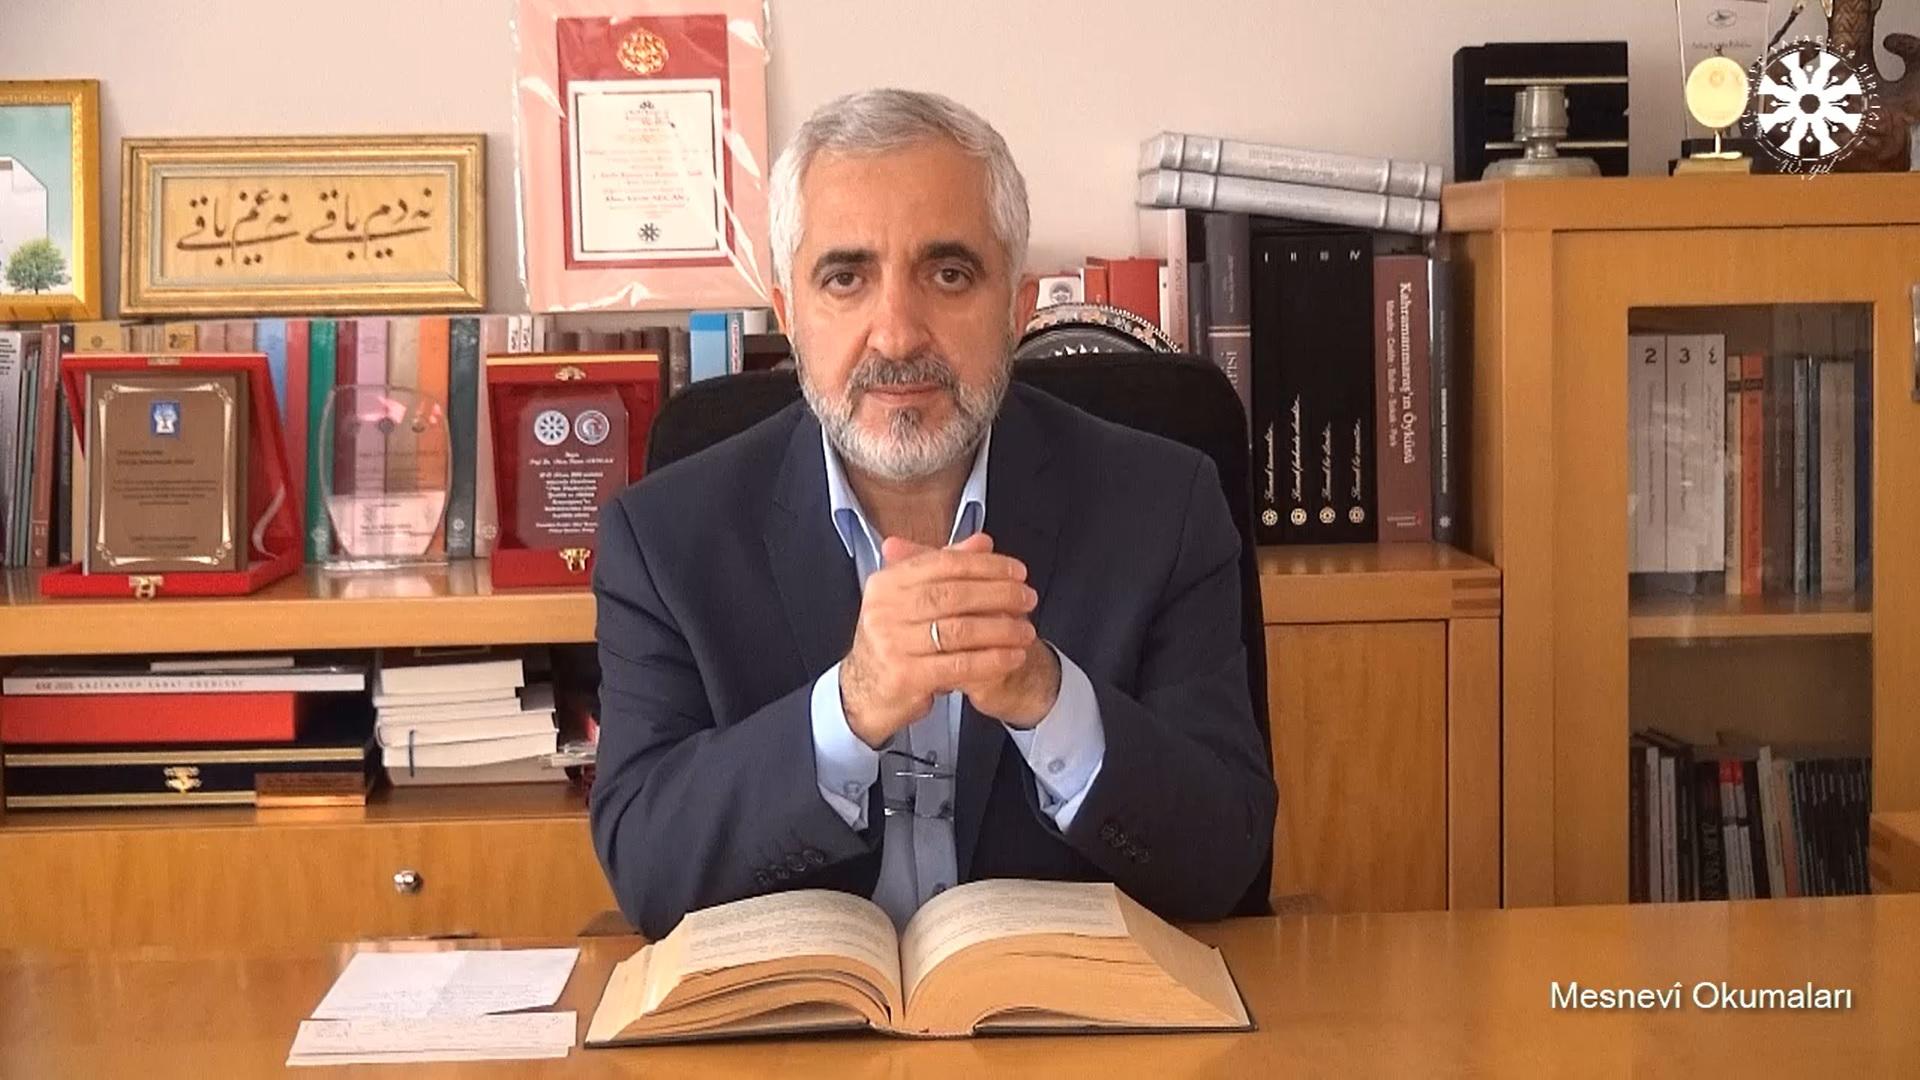 Mesnevî Okumaları -101- Prof. Dr. Zülfikar Güngör